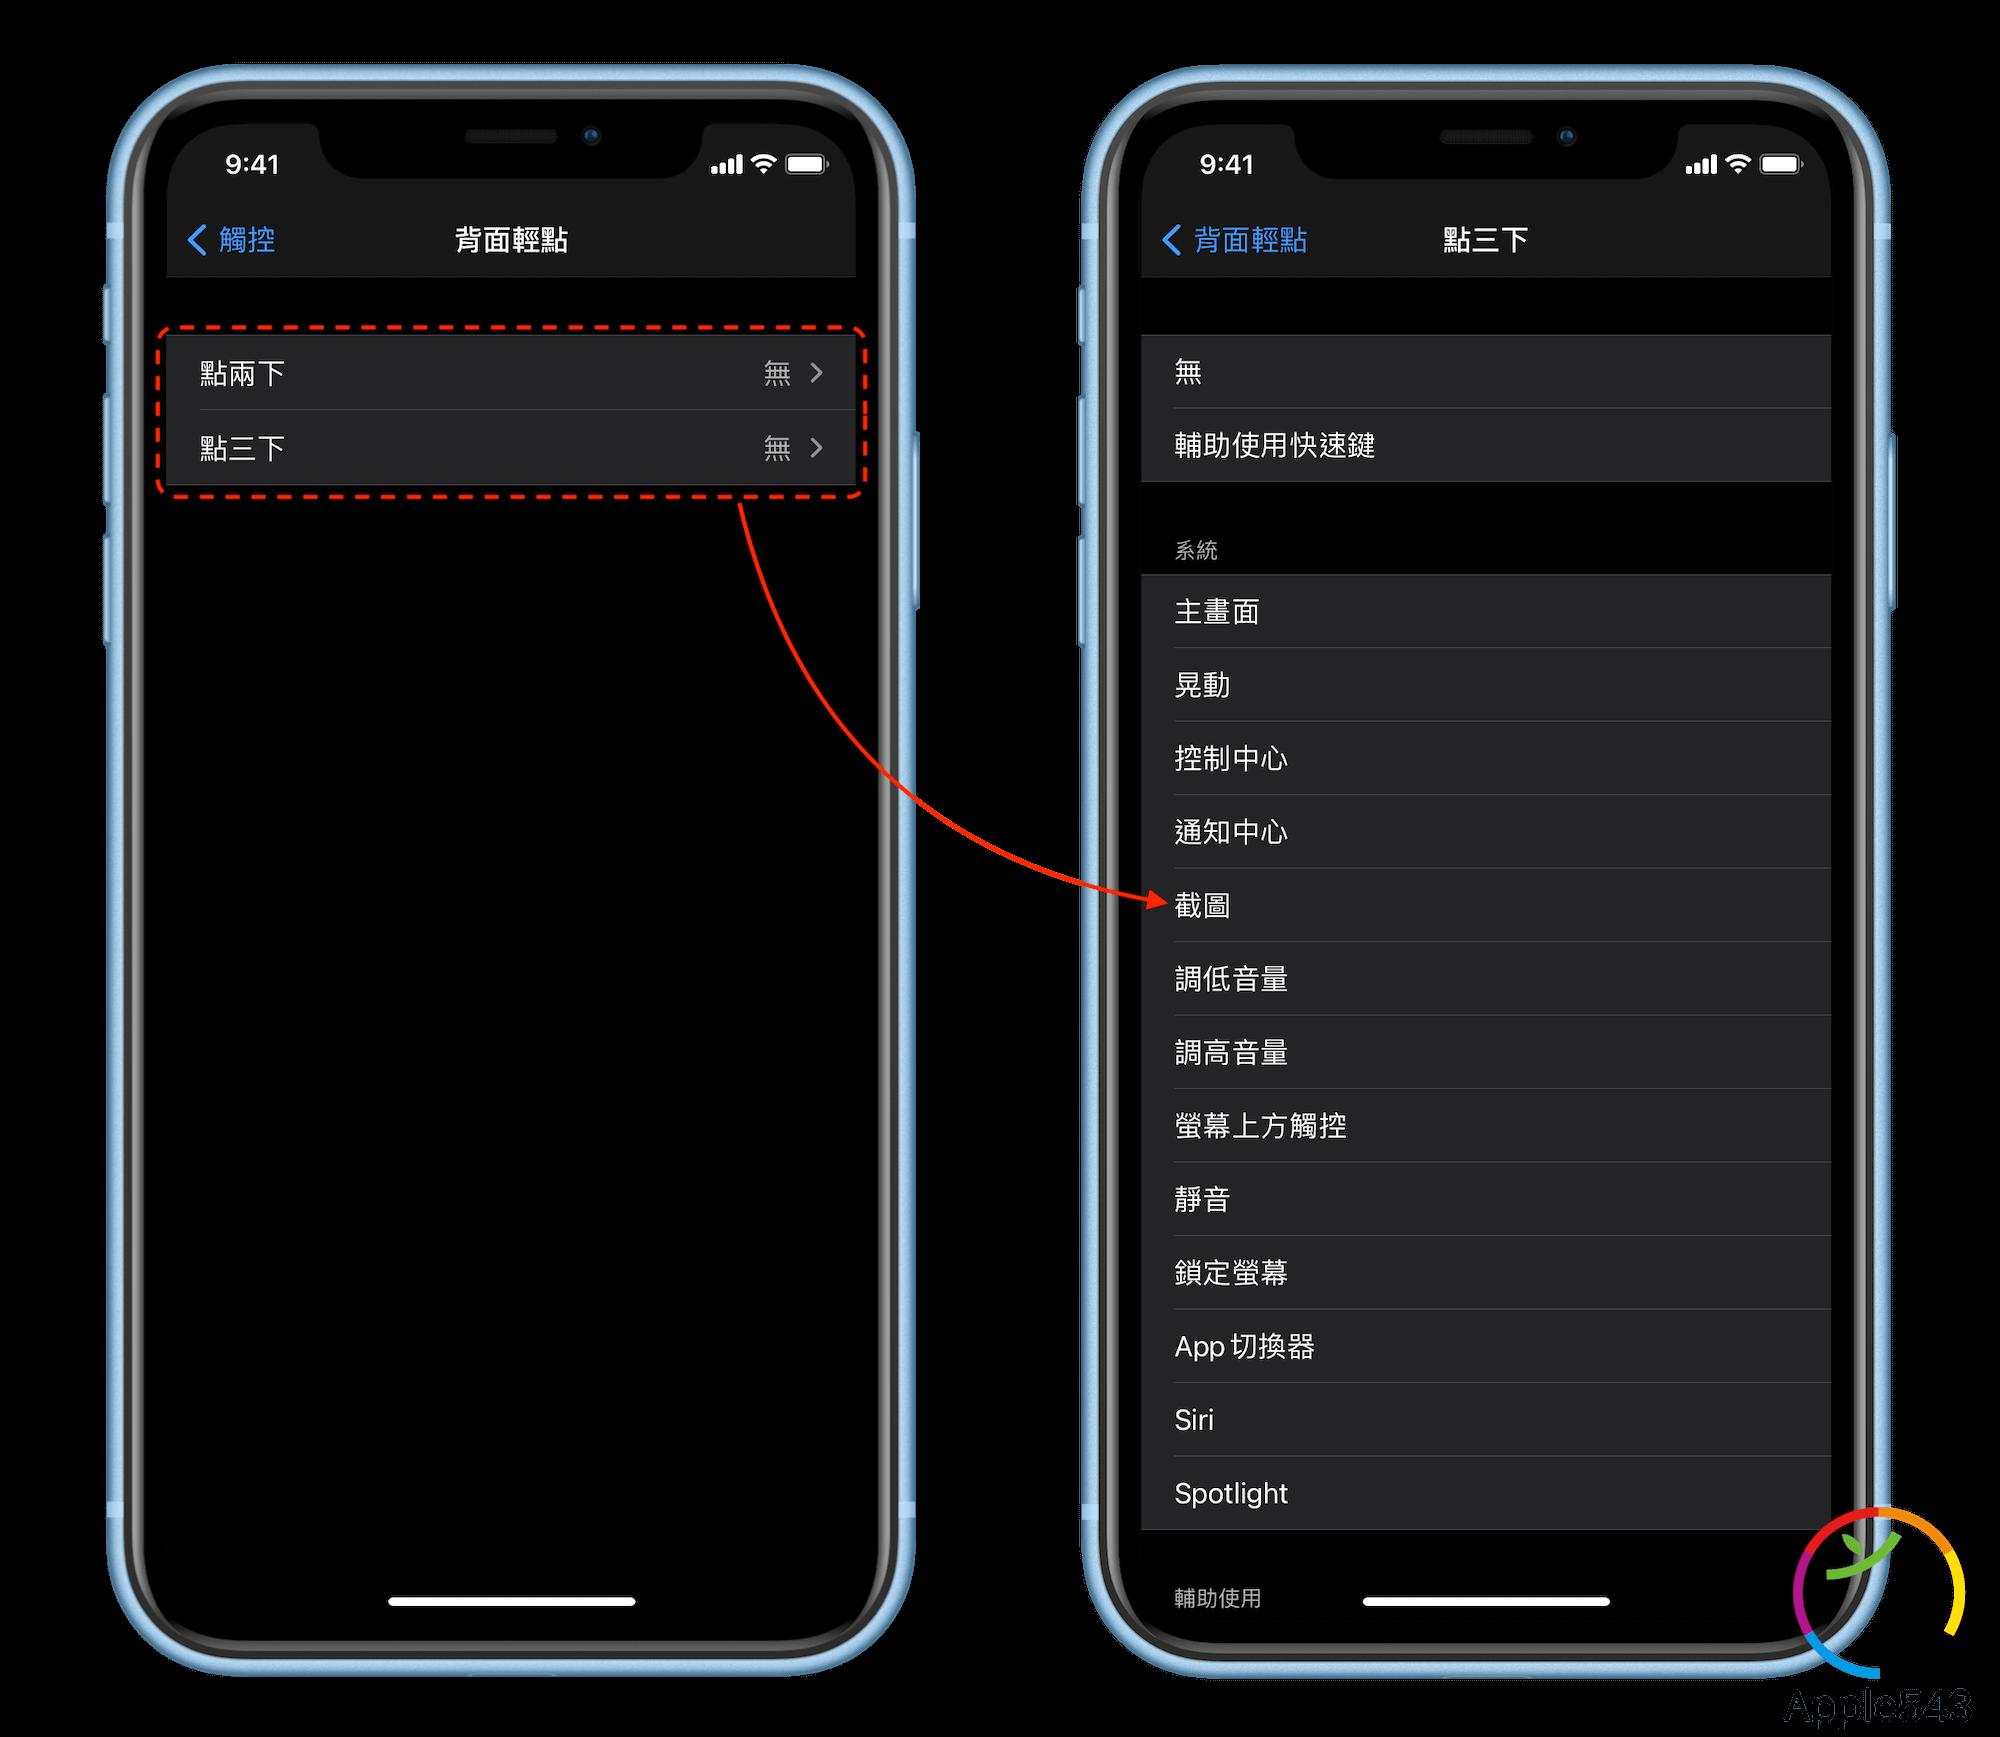 iPhone 螢幕截圖